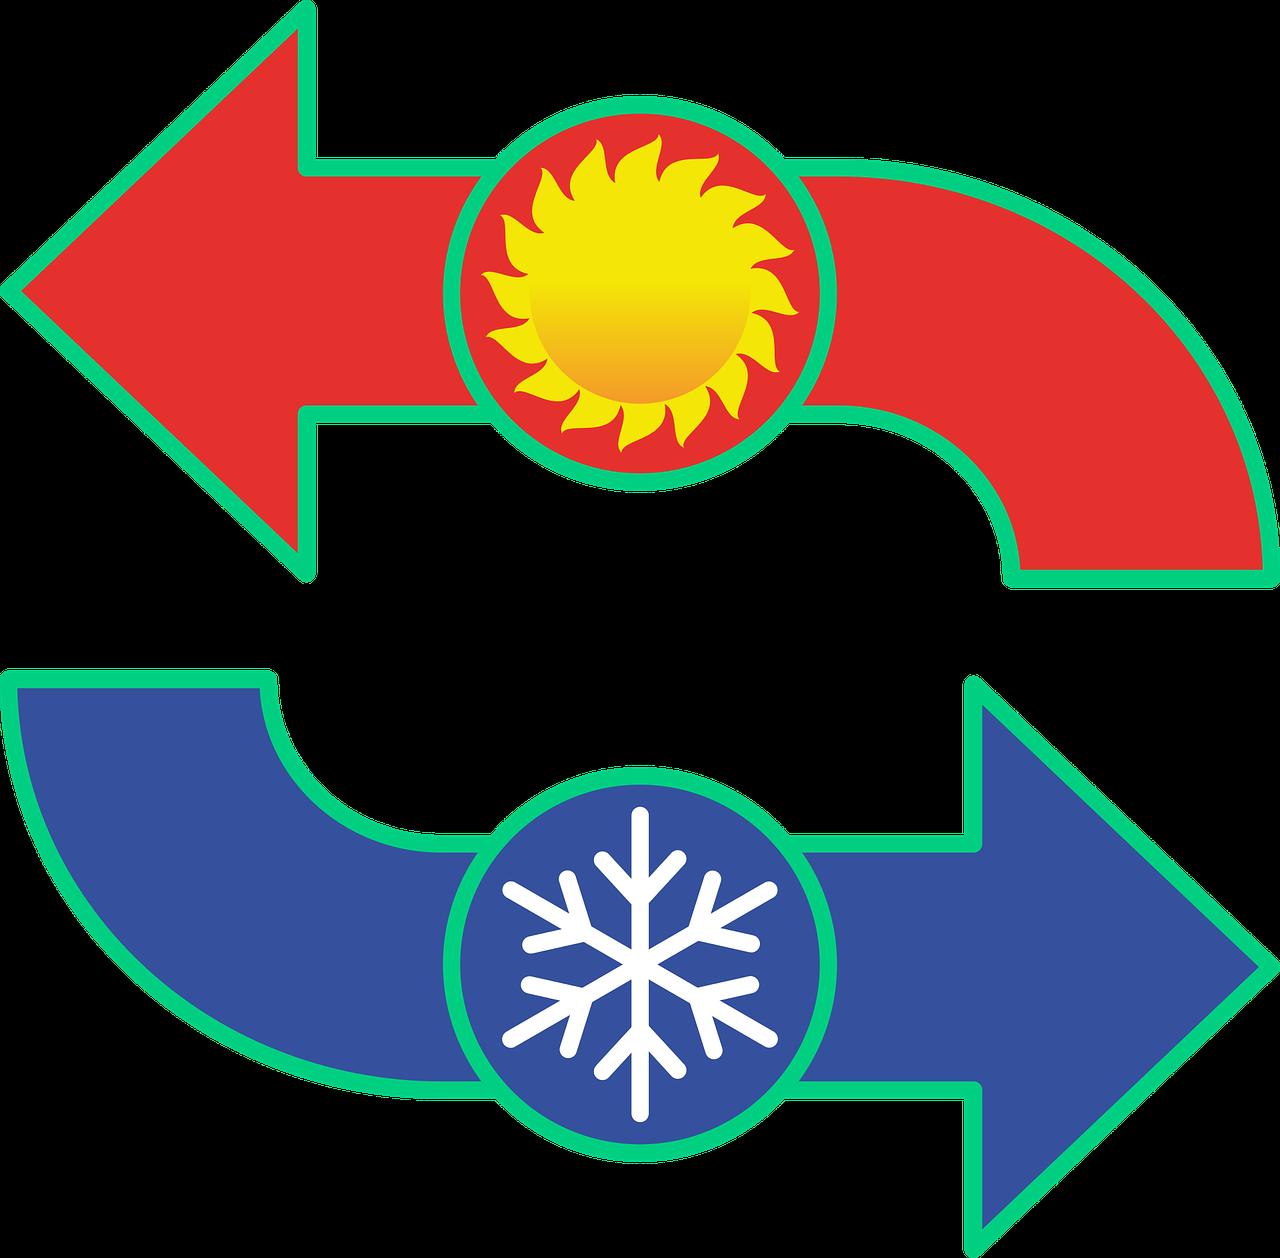 Hogyan működik a klíma?